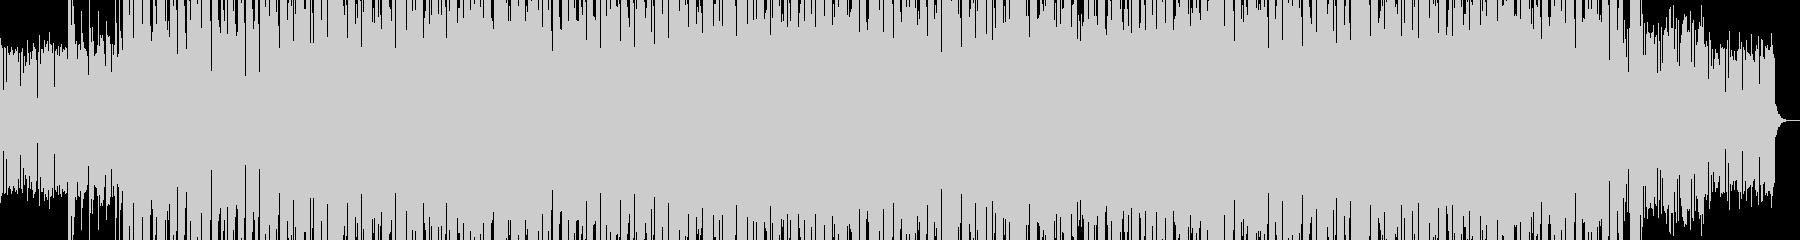 シンセ/ドラムループ。多忙、速い。...の未再生の波形